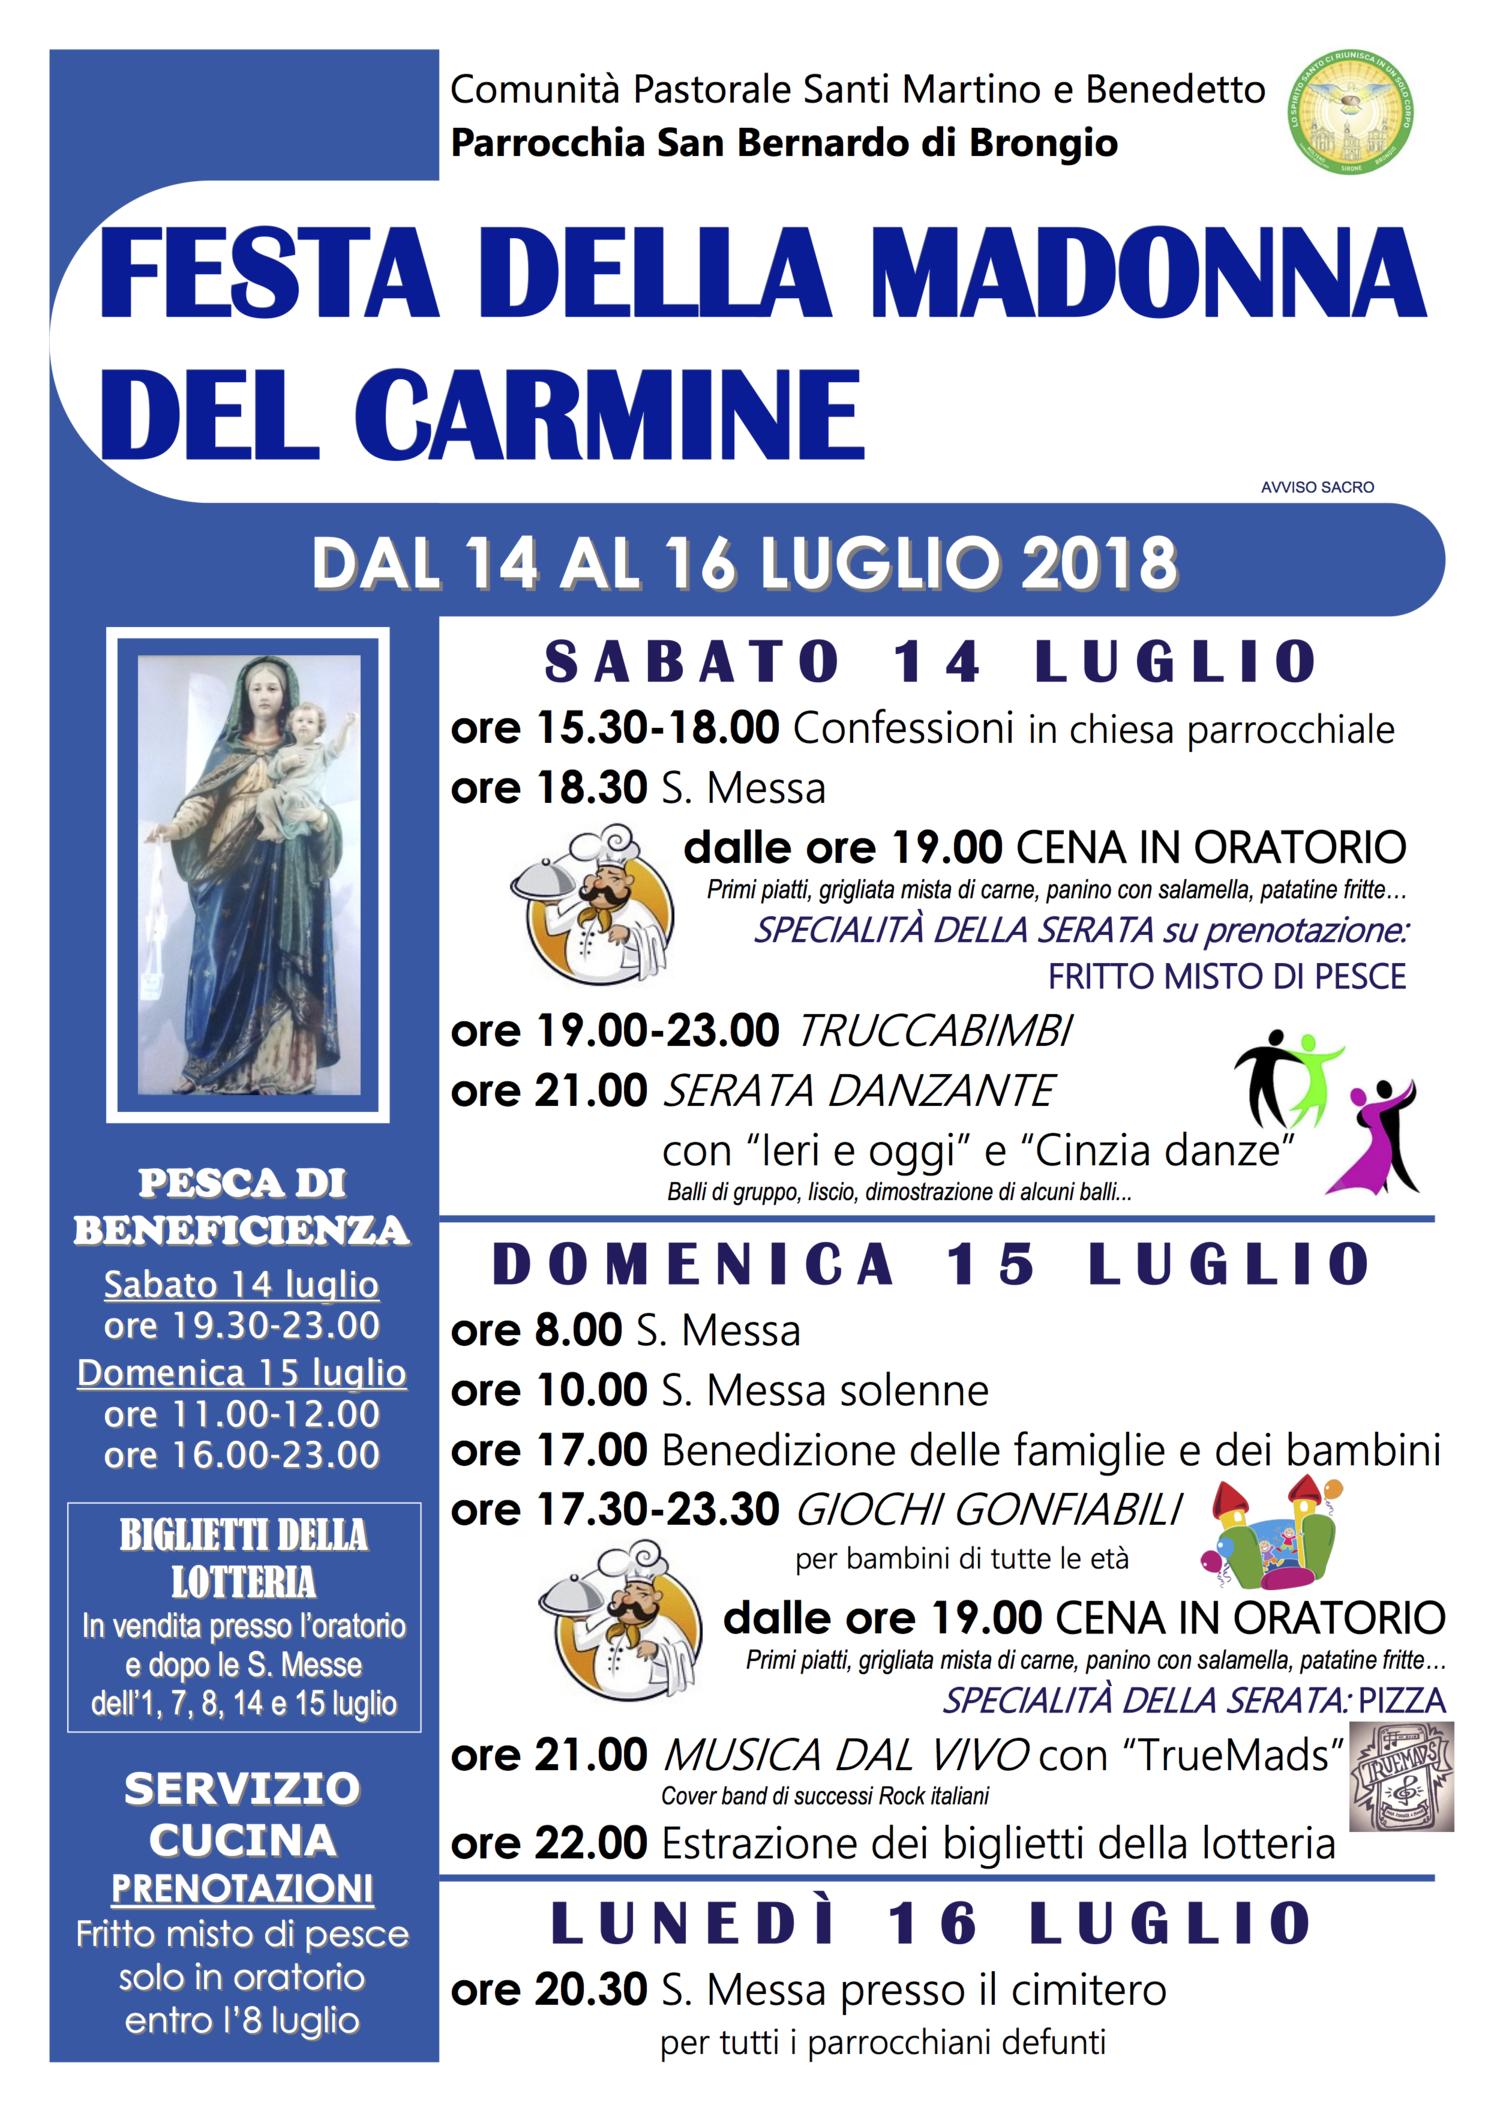 Festa della Madonna del Carmine 2018.png